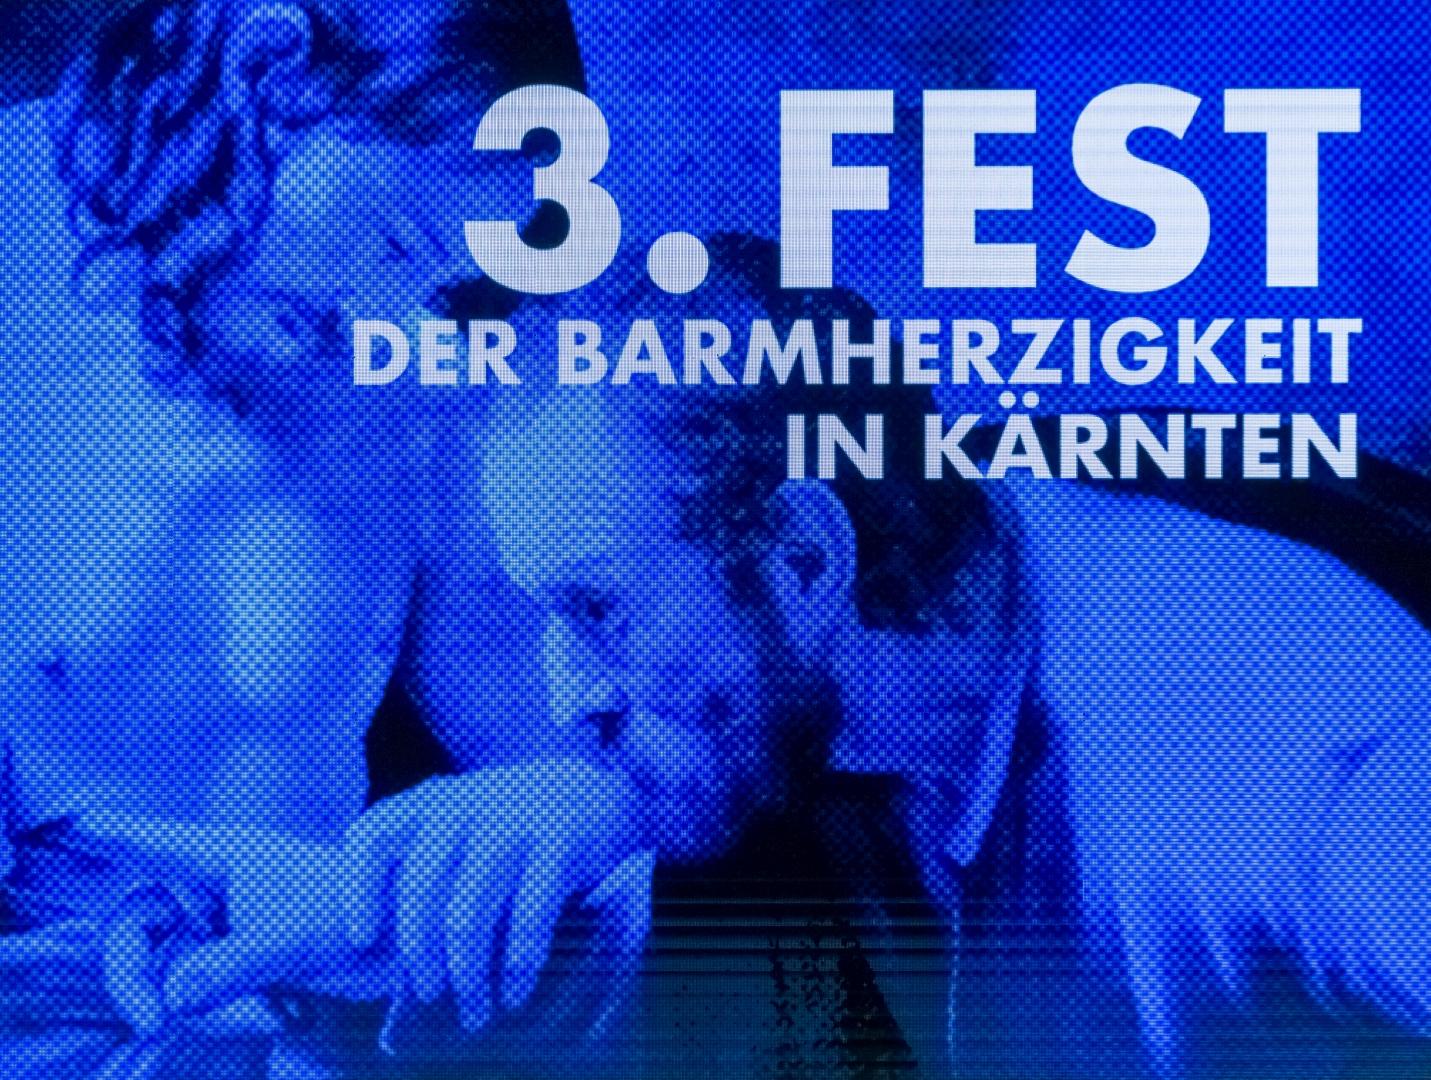 Titelbild zum 3. Fest der Barmherzigkeit (© Herr Mag. Bernhard Wagner).